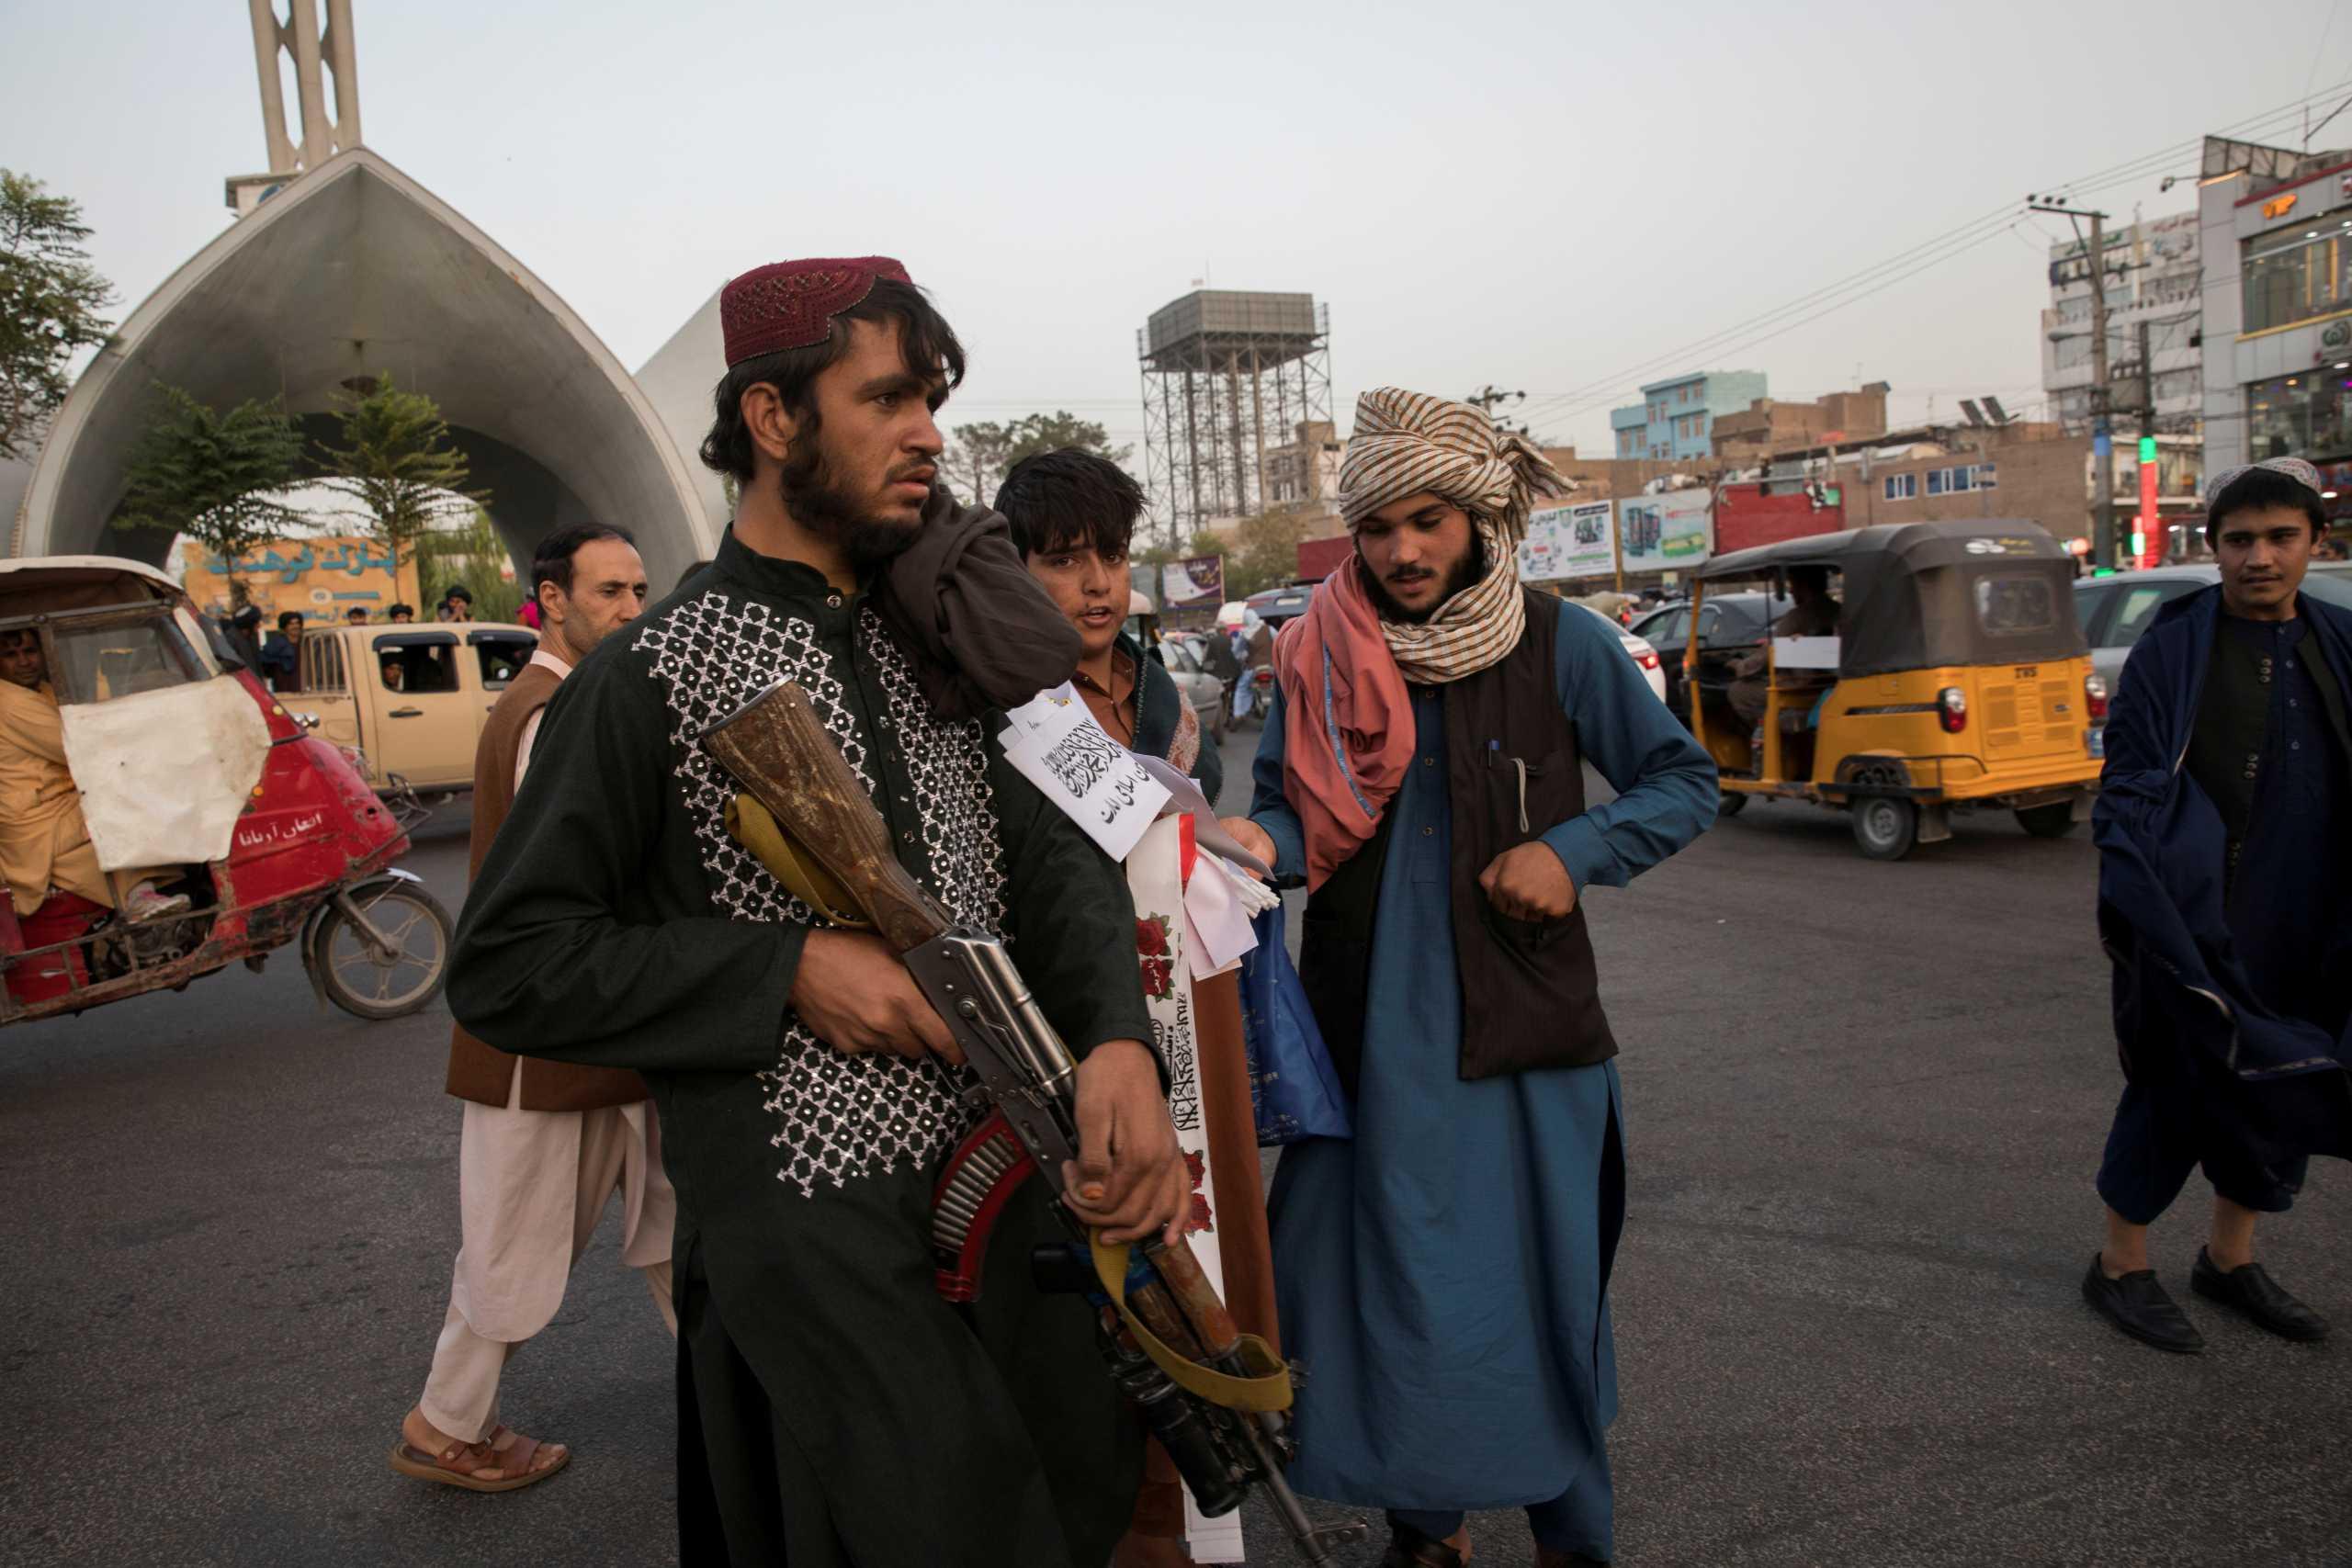 Αφγανιστάν: Οι Ταλιμπάν τσακώνονται για την εξουσία – Καυγάς στο προεδρικό μέγαρο